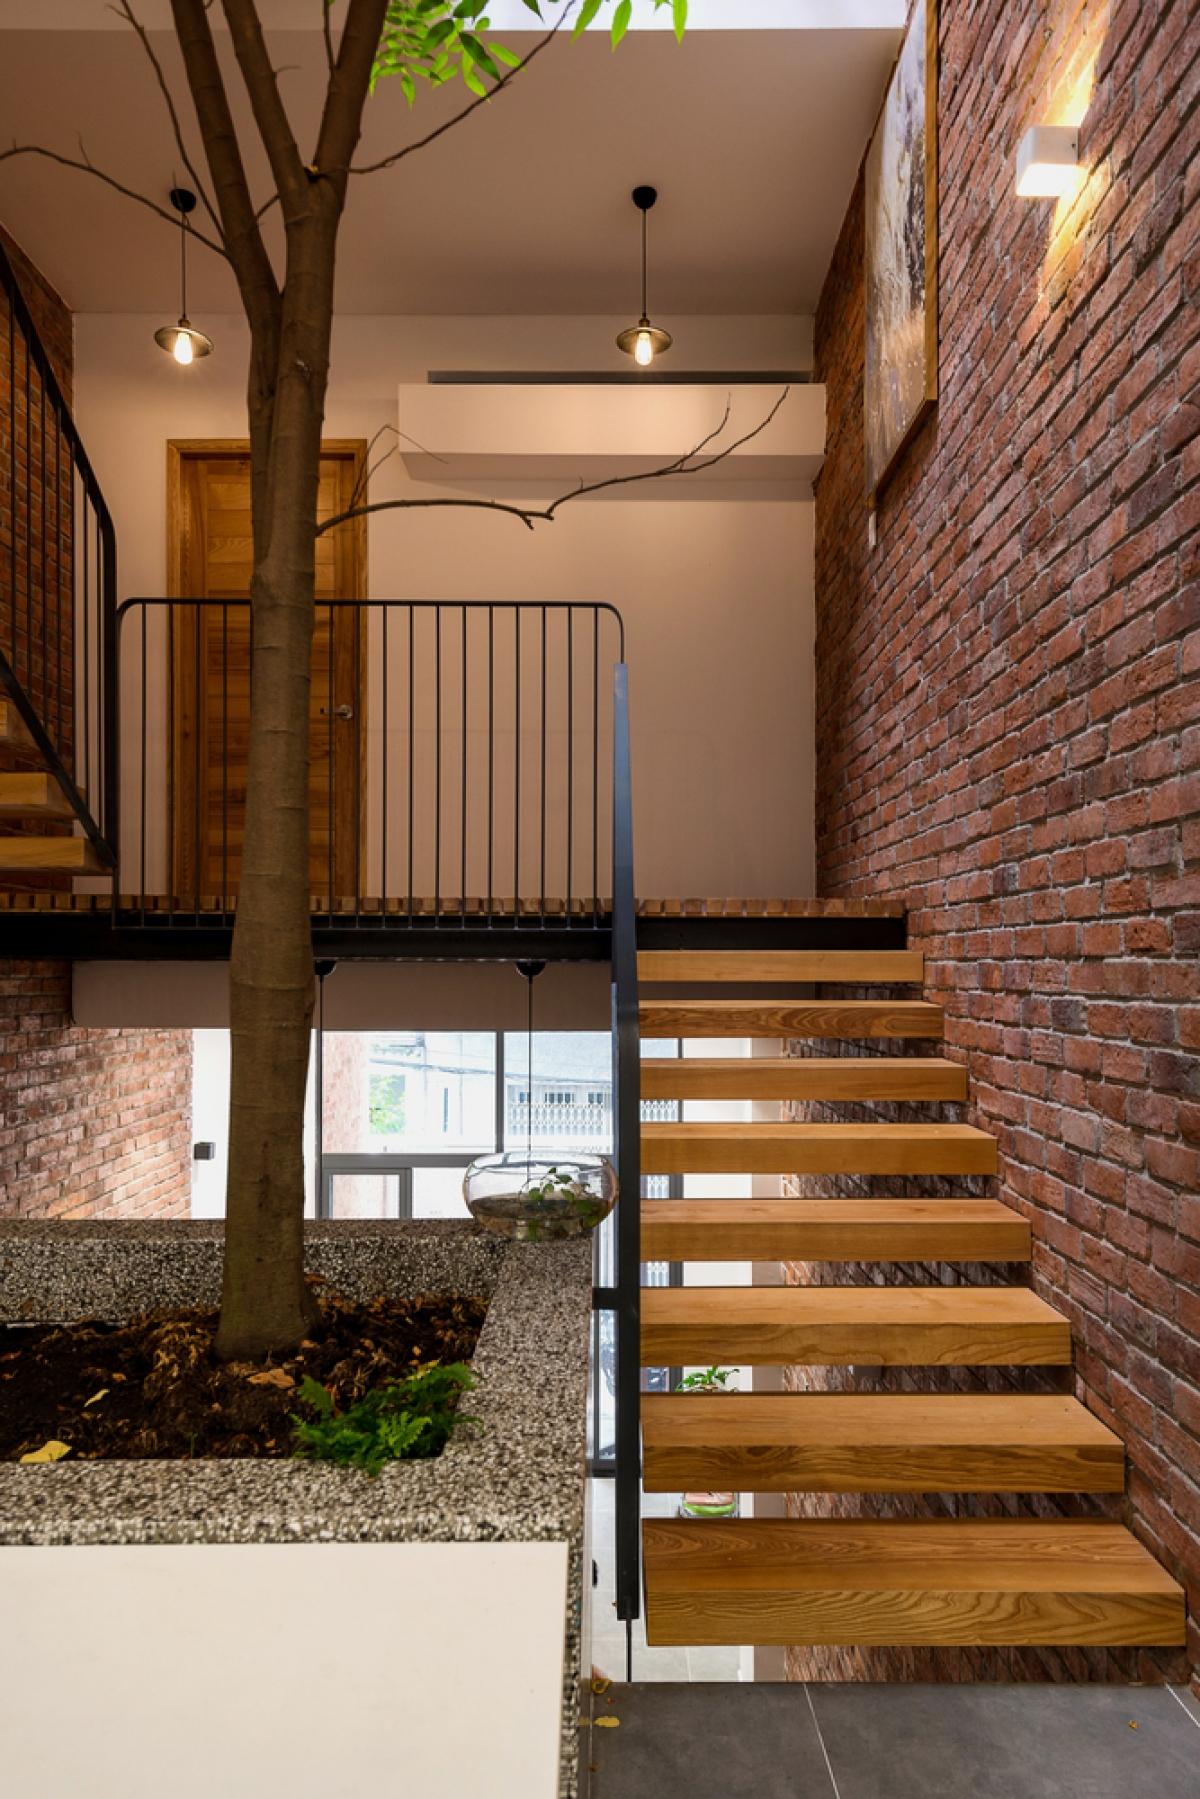 Do mặt tiền hẹp, chủ nhà lựa chọn mở khoảng thông tầng lớn ở trung tâm ngôi nhà, cung cấp ánh sáng tự nhiên cho tất cả các không gian và các phòng, khoảng trống cuối nhà làm khoảng thông tầng, thông gió.